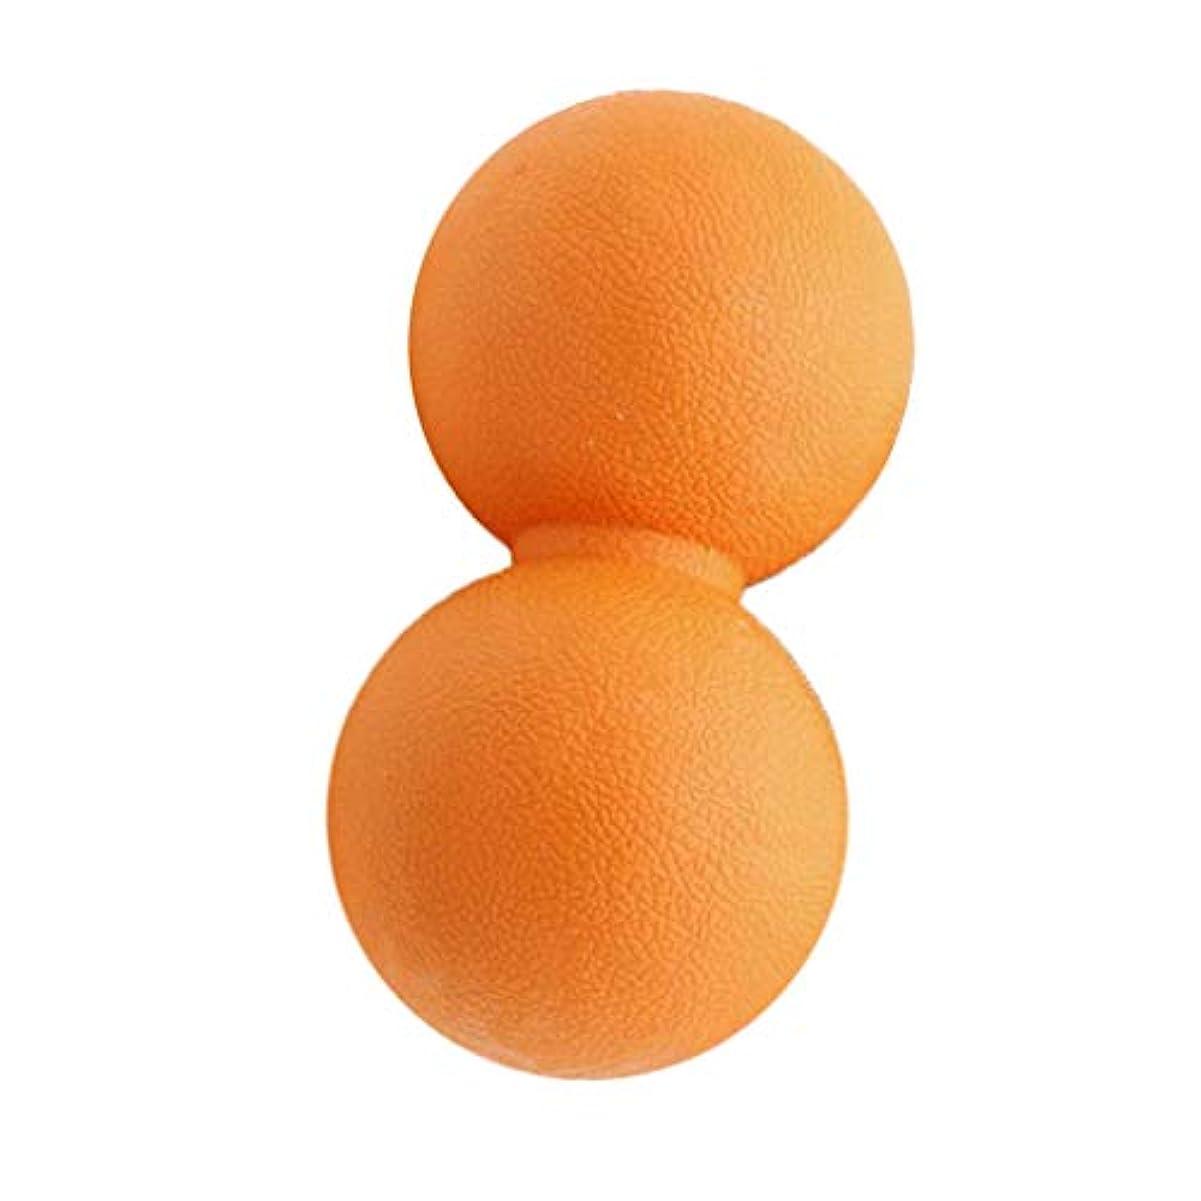 消化区画うま全2色 マッサージボール ピーナッツ ツボ押しグッズ 疲れ解消ボール 筋膜リリース 筋肉疲労回復 - オレンジ, 13cm